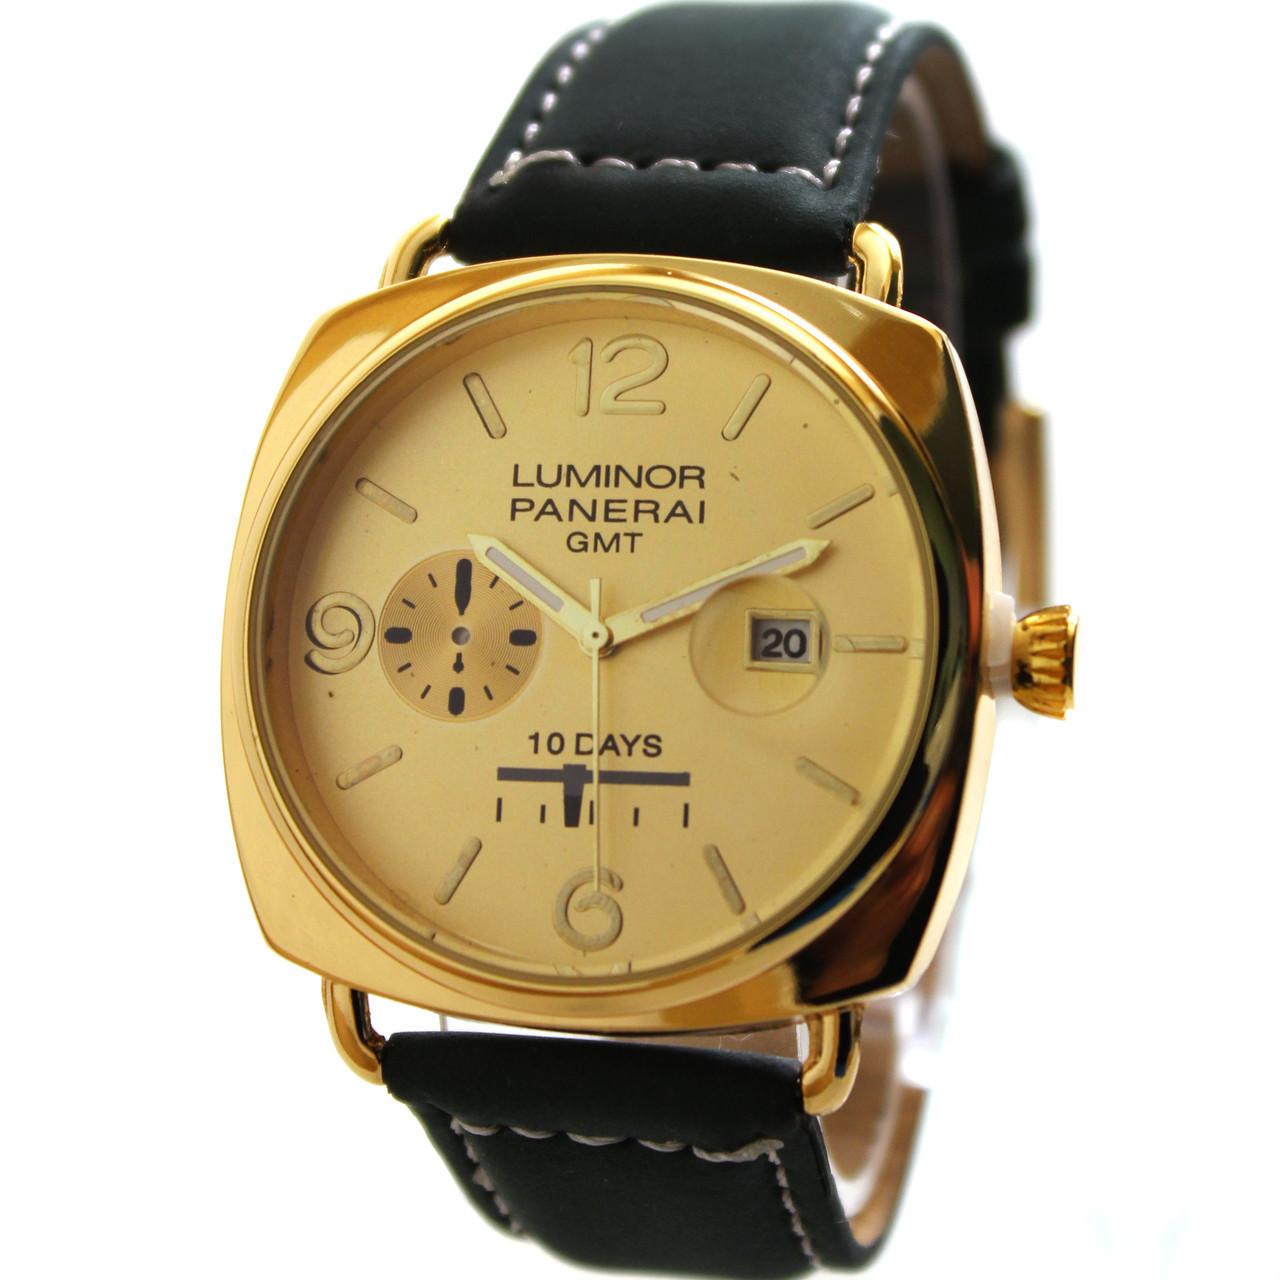 содержит часы luminor panerai украина сочетание мускуса